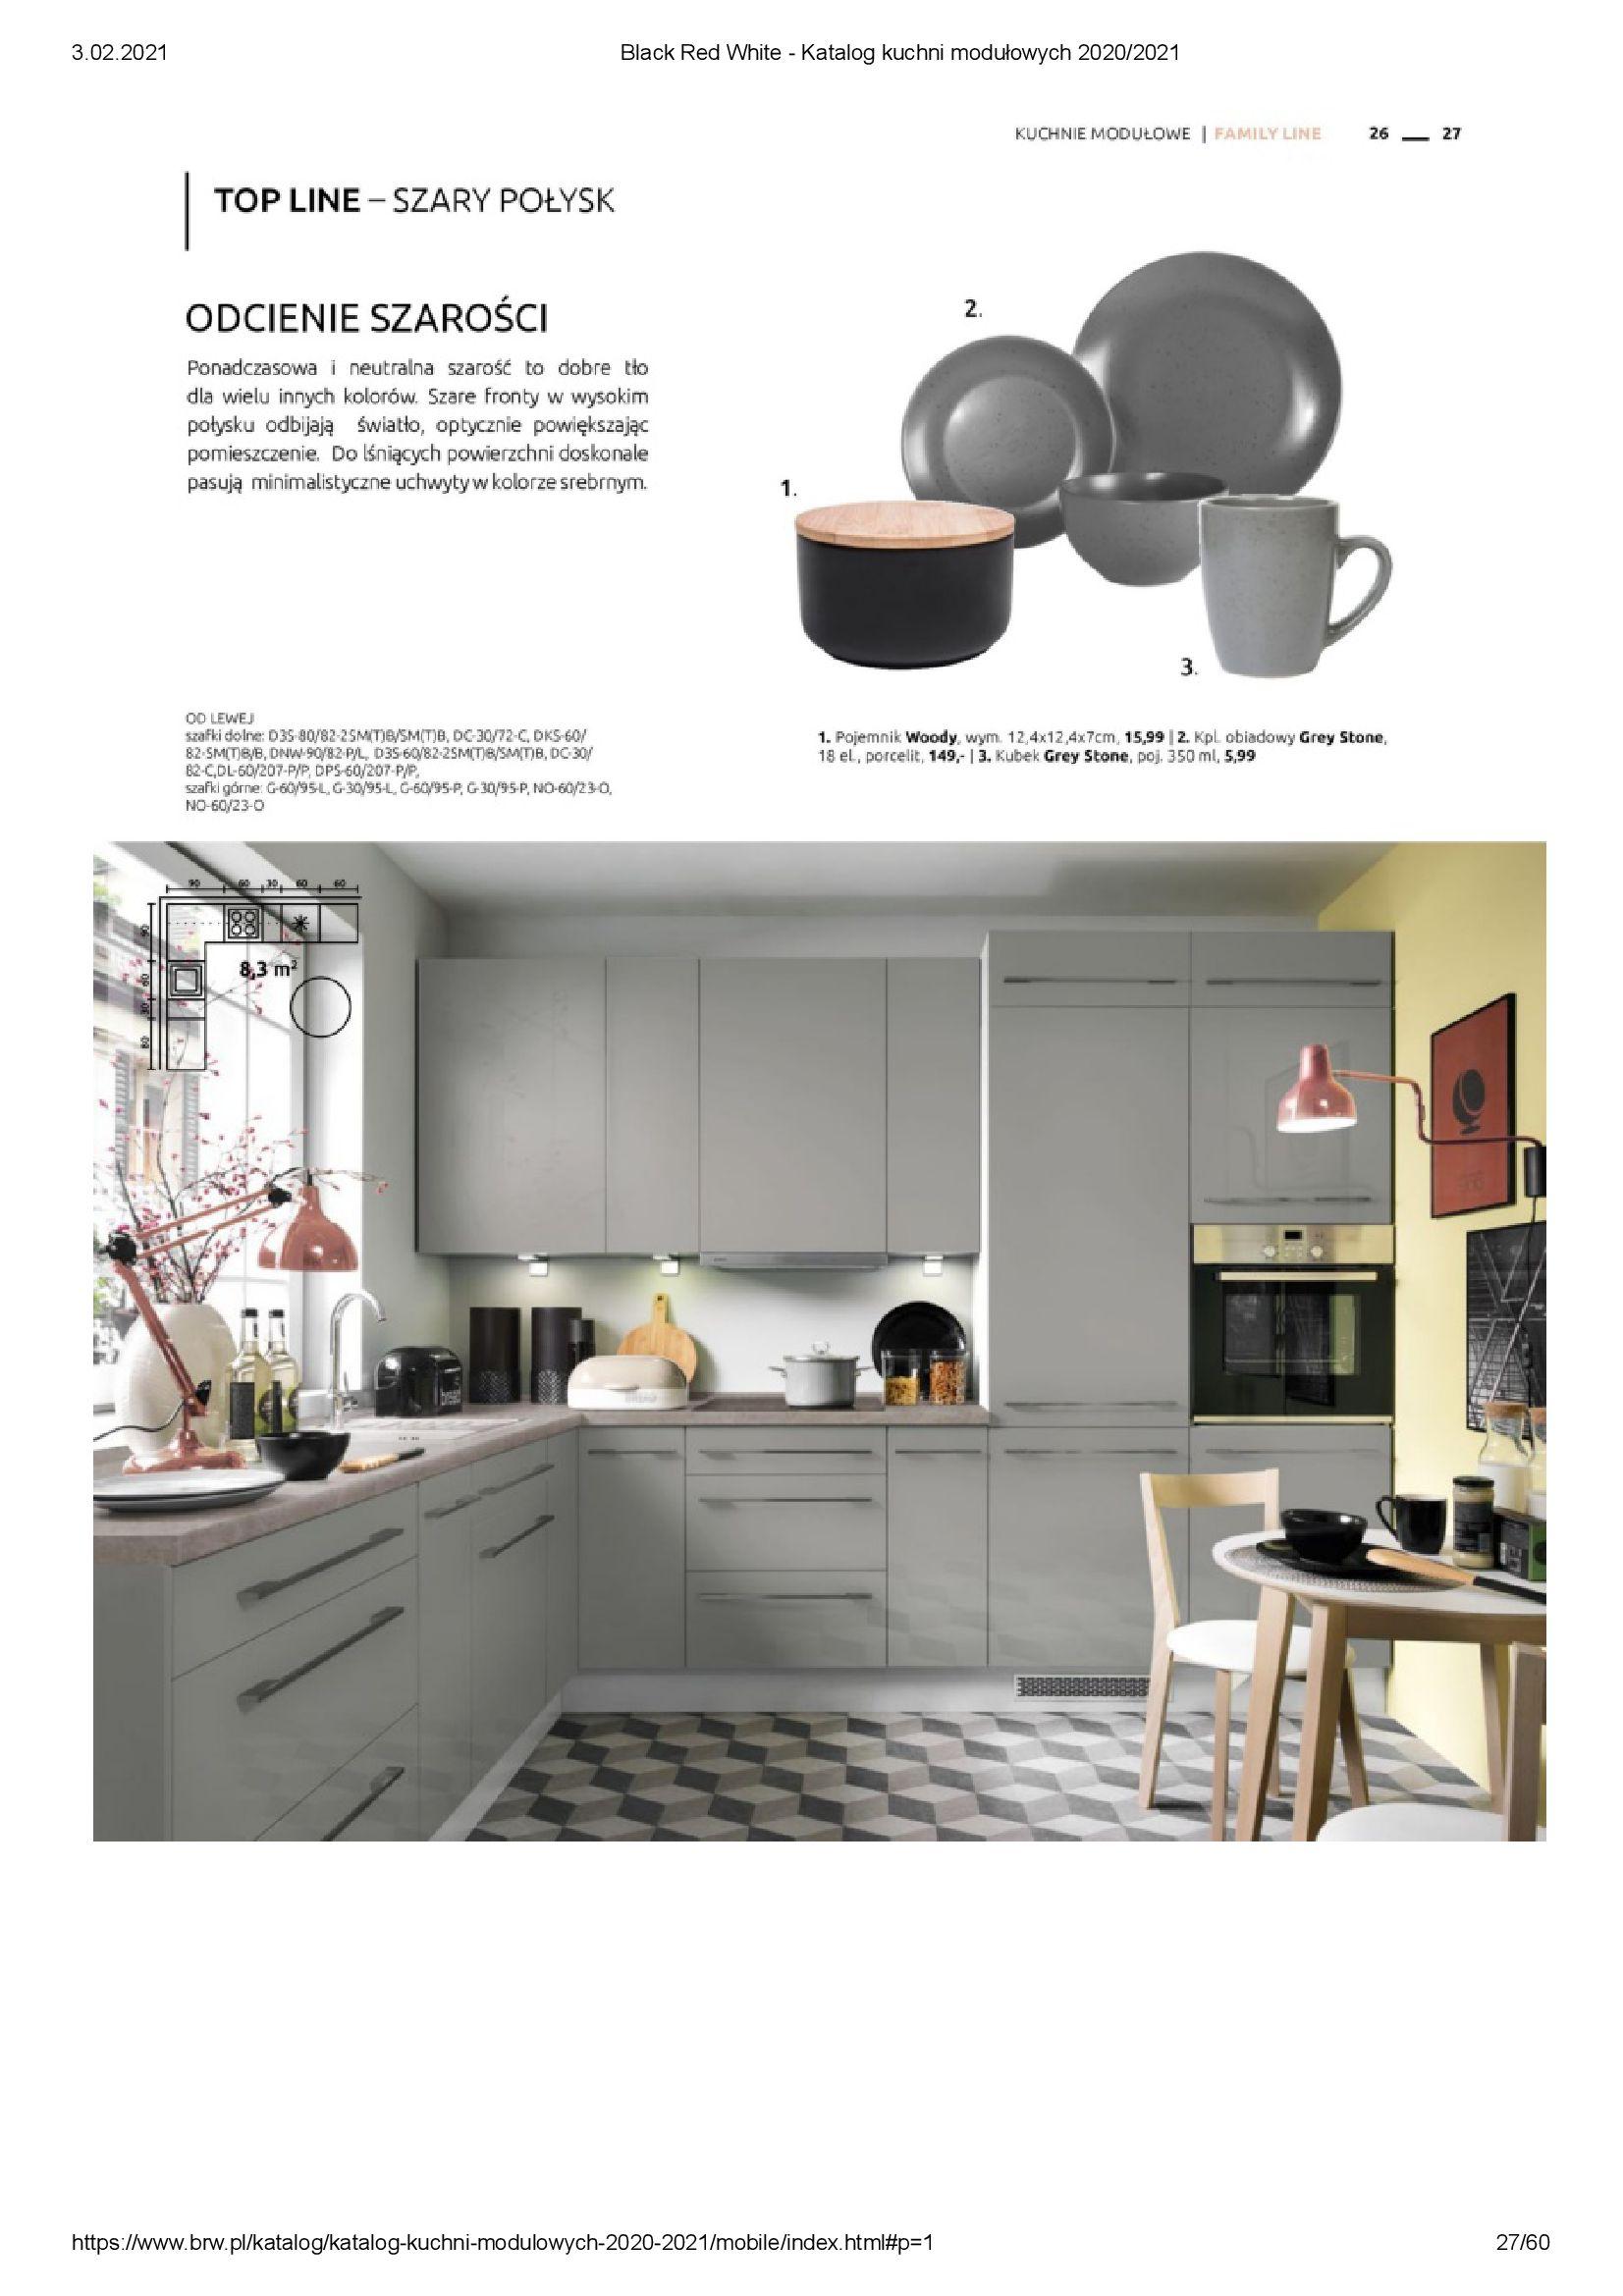 Gazetka Black Red White: Katalog - Kuchnie modułowe 2020/2021 2021-01-01 page-27